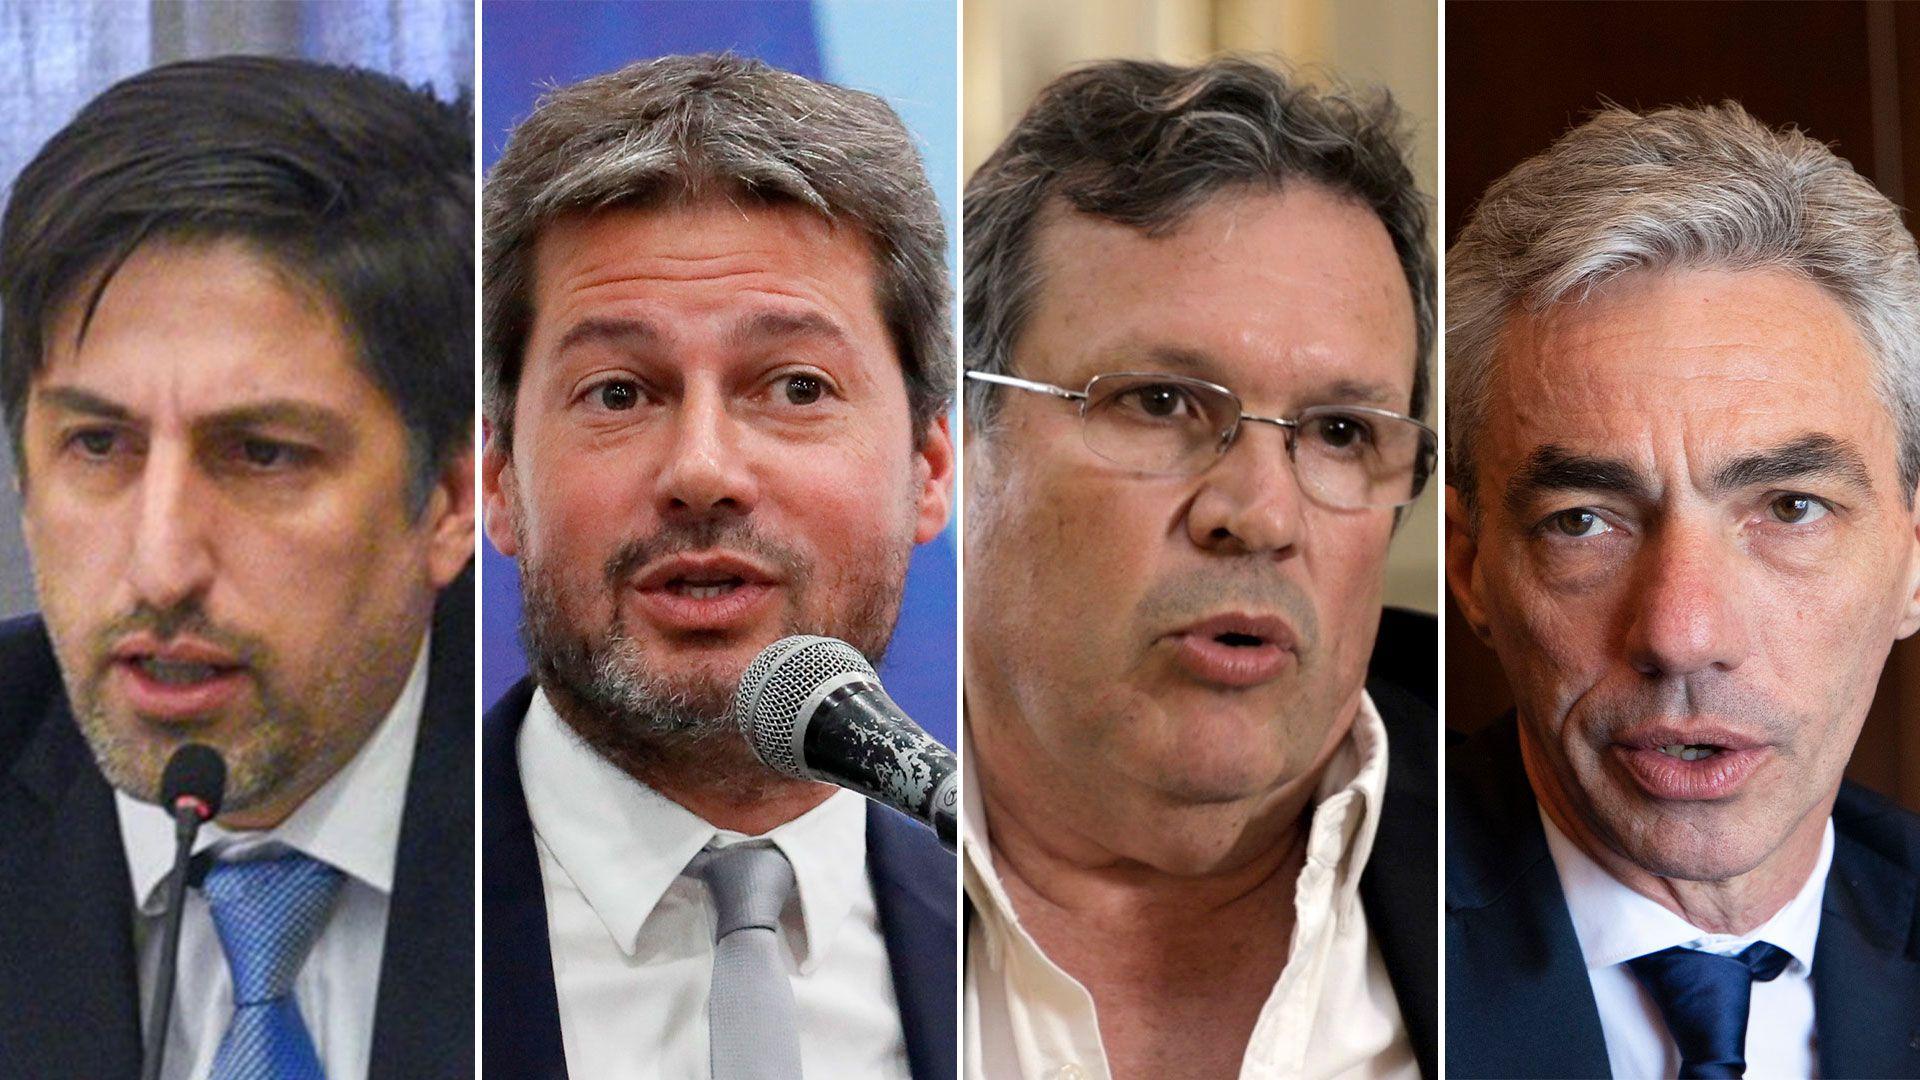 Gabinete Nacional - Nicolas Trotta, Matias Lammens, Tristan Bauer y Mario Meoni